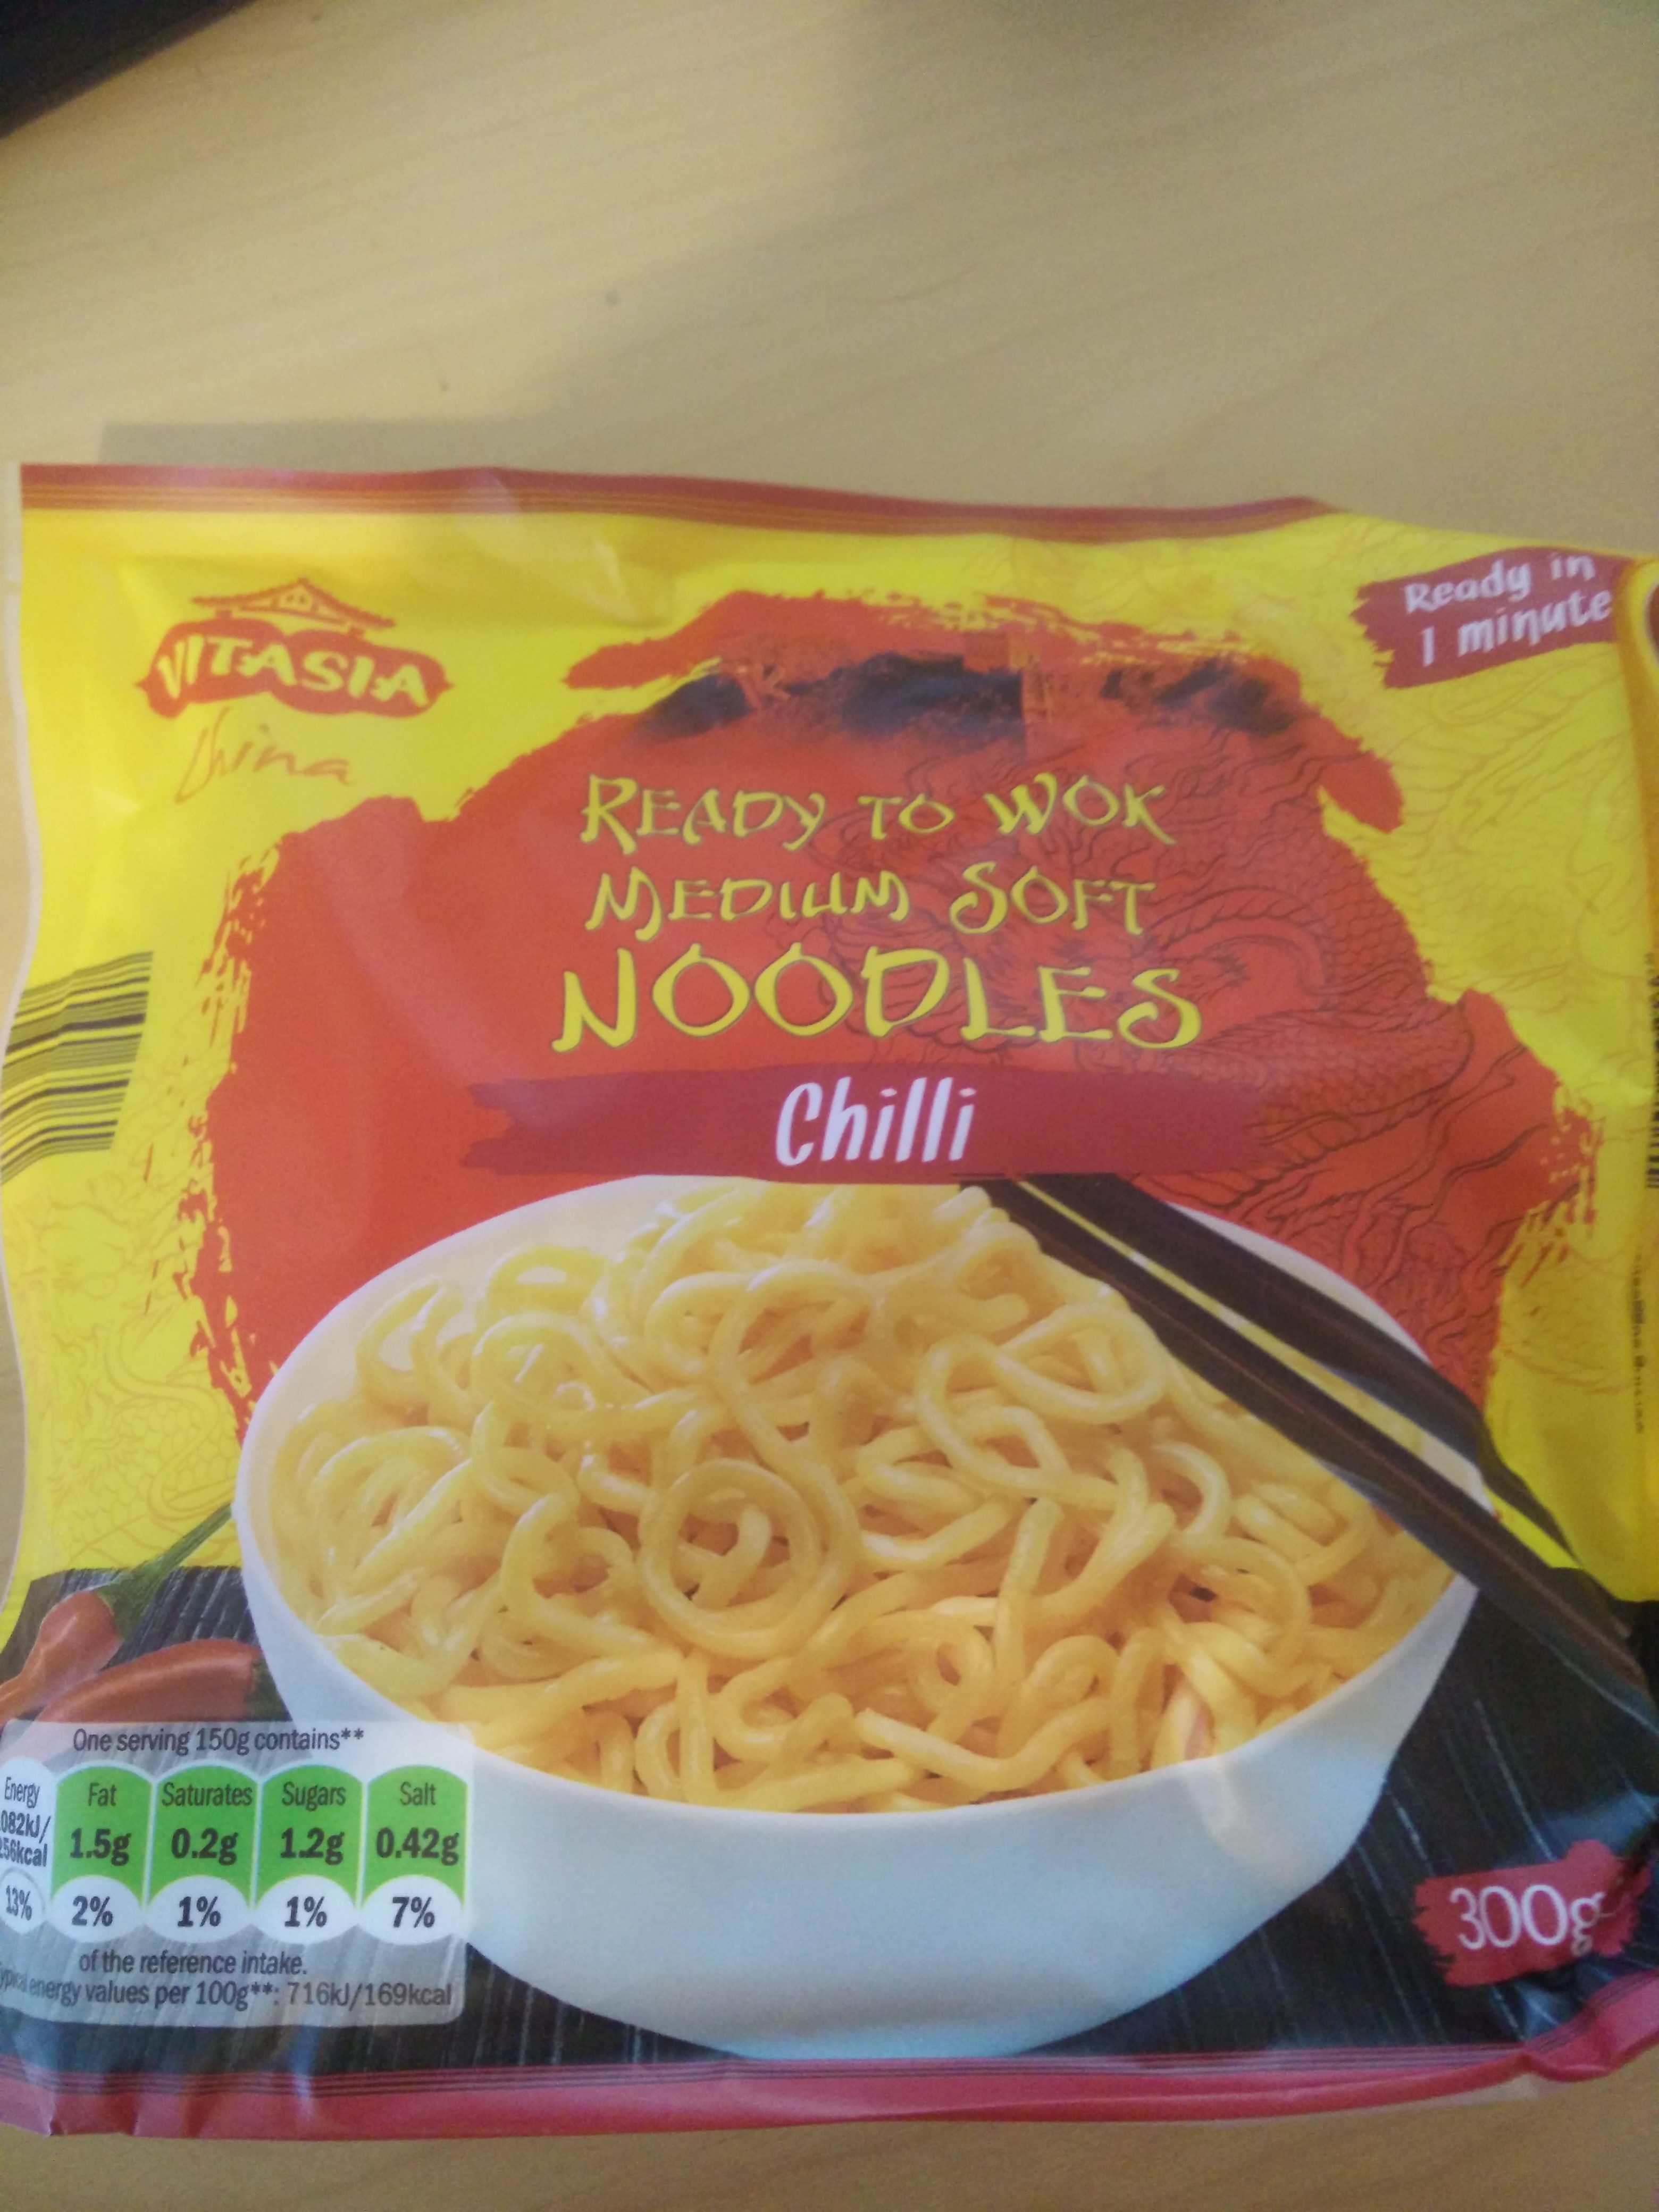 Ready To Wok Medium Soft Noodles - Produit - en